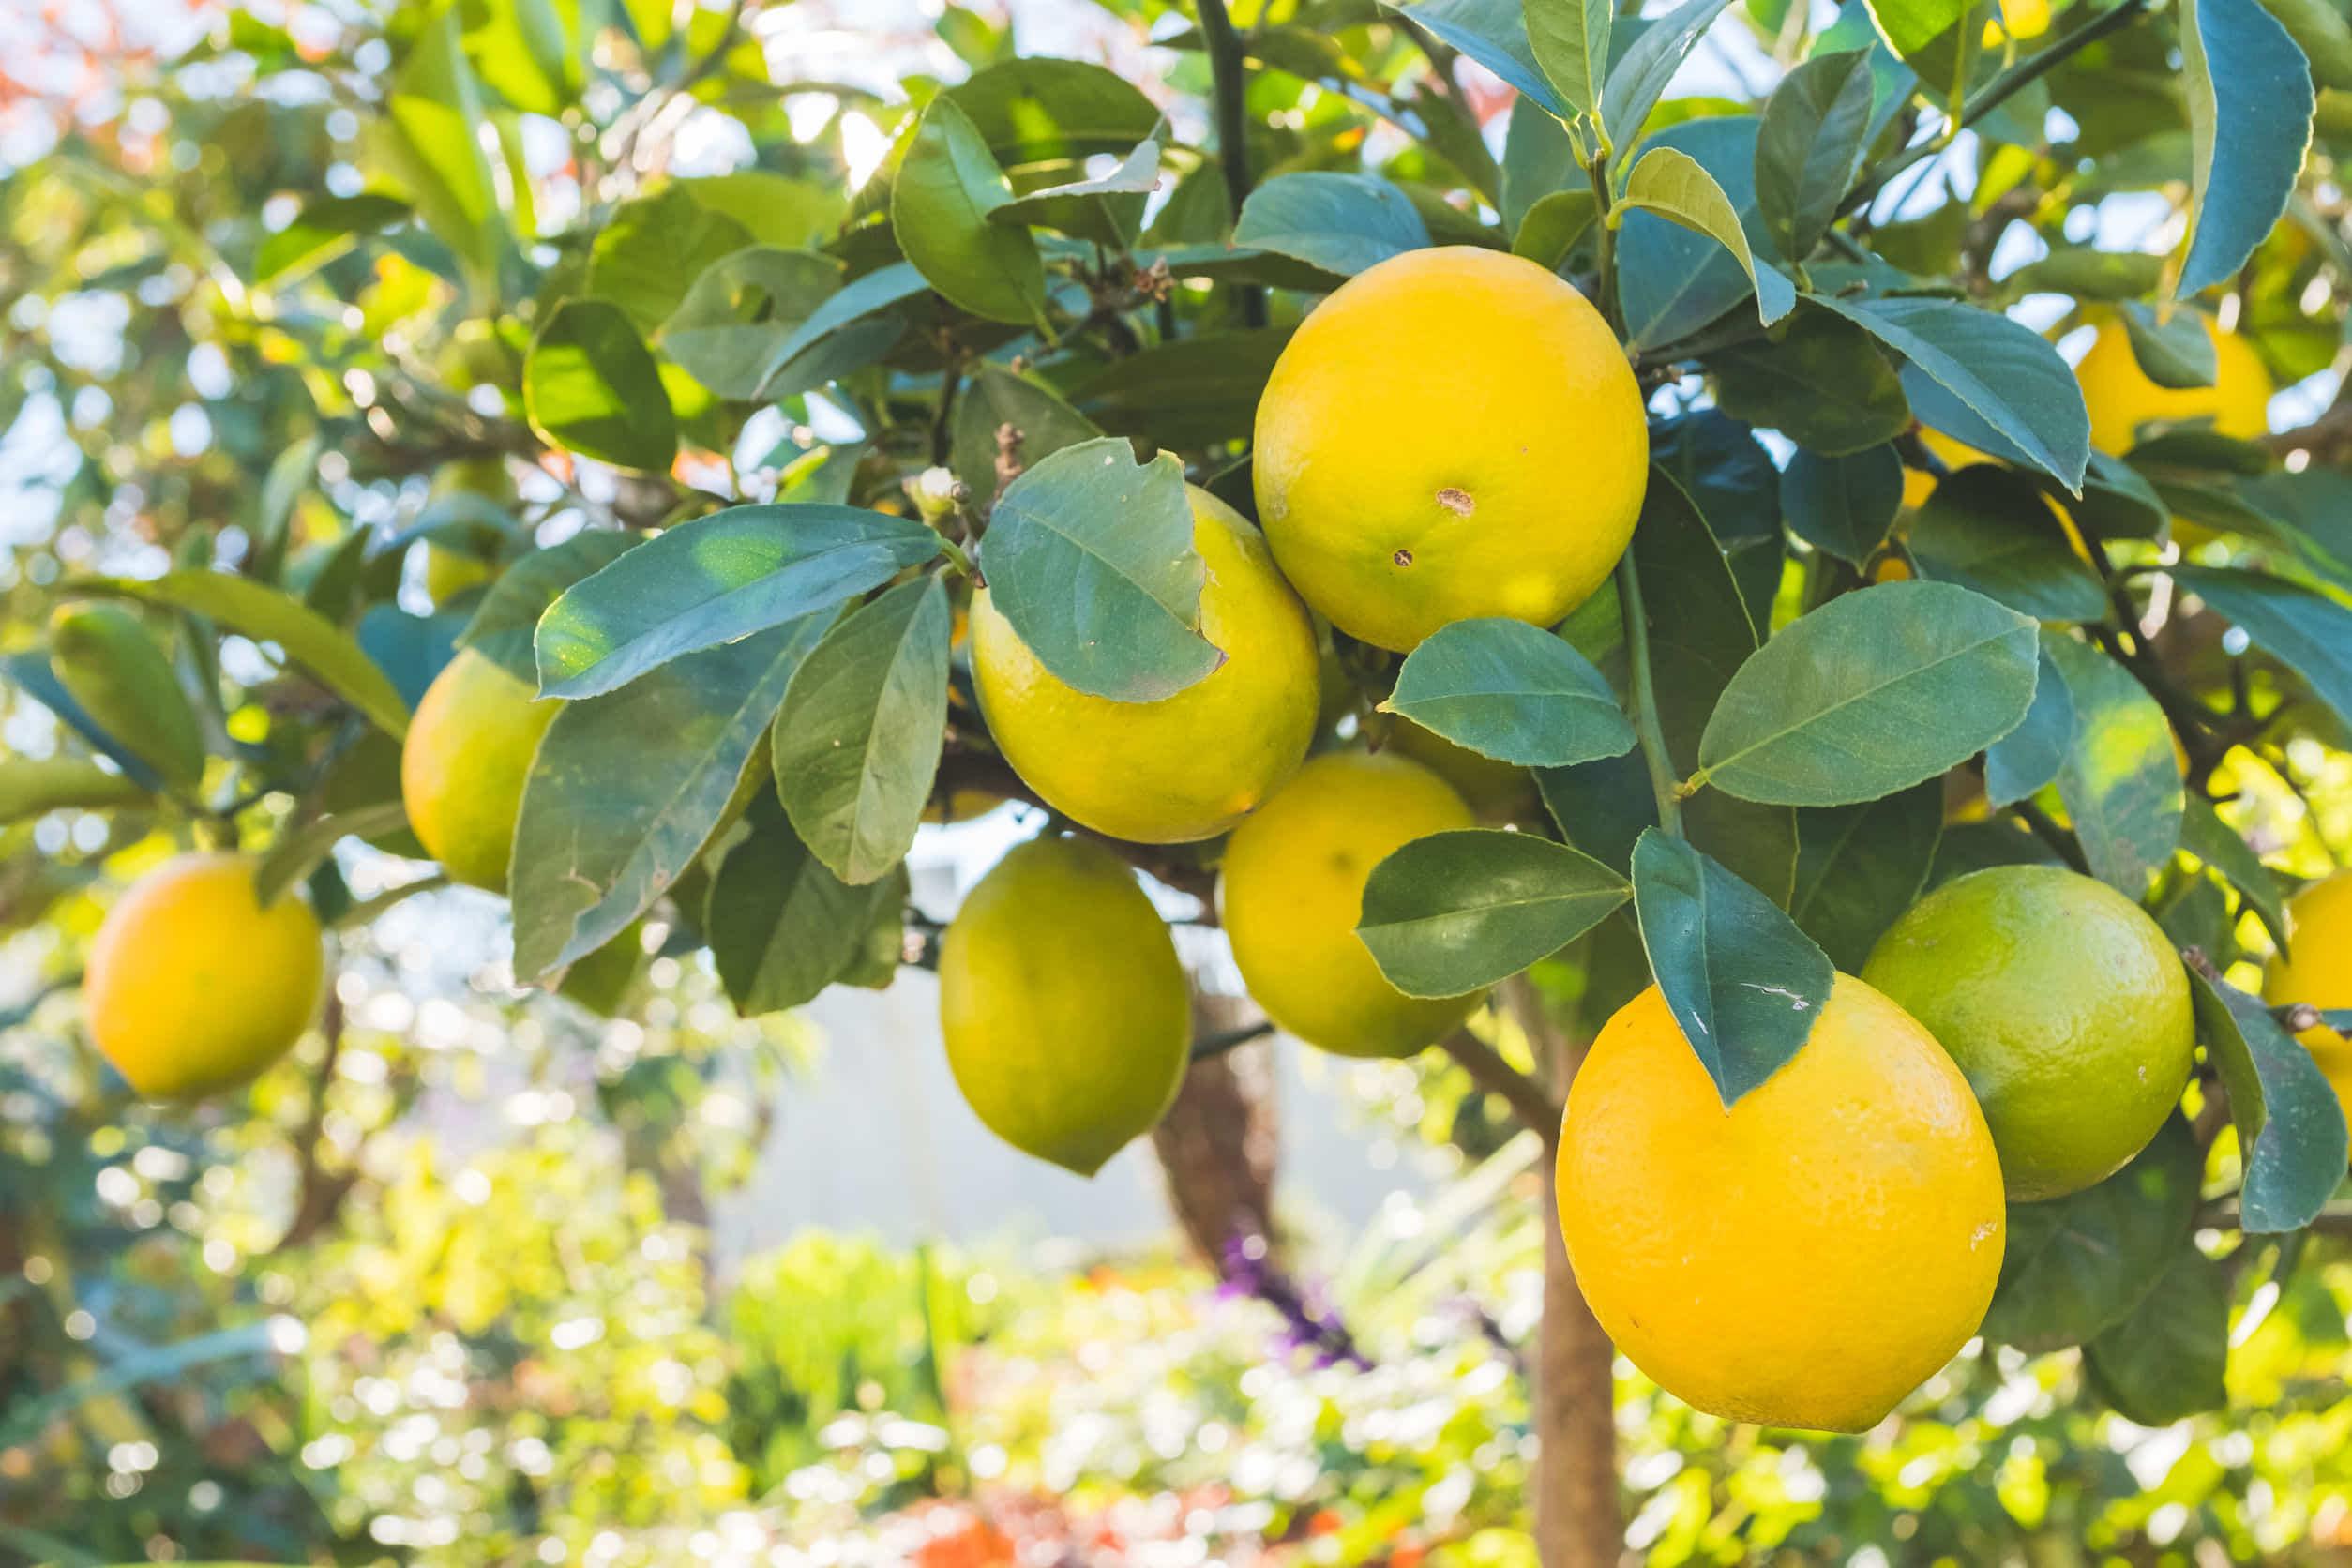 ハムスターにレモンを与えて良いの?ビタミンC補給は他の食べ物で!